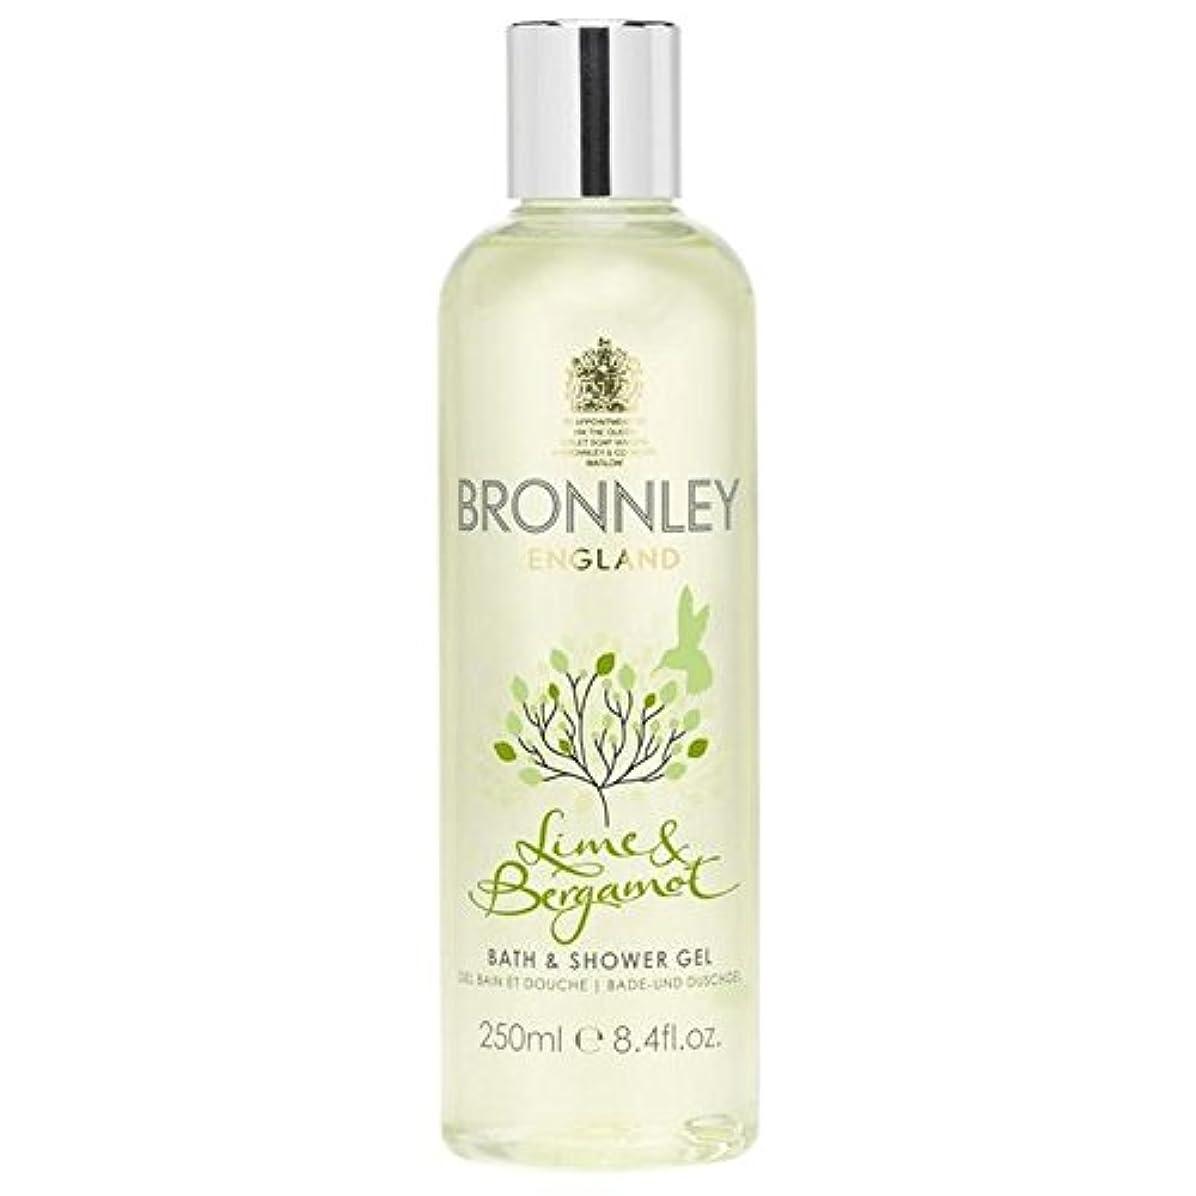 レース官僚インフラBronnley Lime & Bergamot Bath & Shower Gel 250ml (Pack of 6) - ライム&ベルガモットバス&シャワージェル250ミリリットル x6 [並行輸入品]